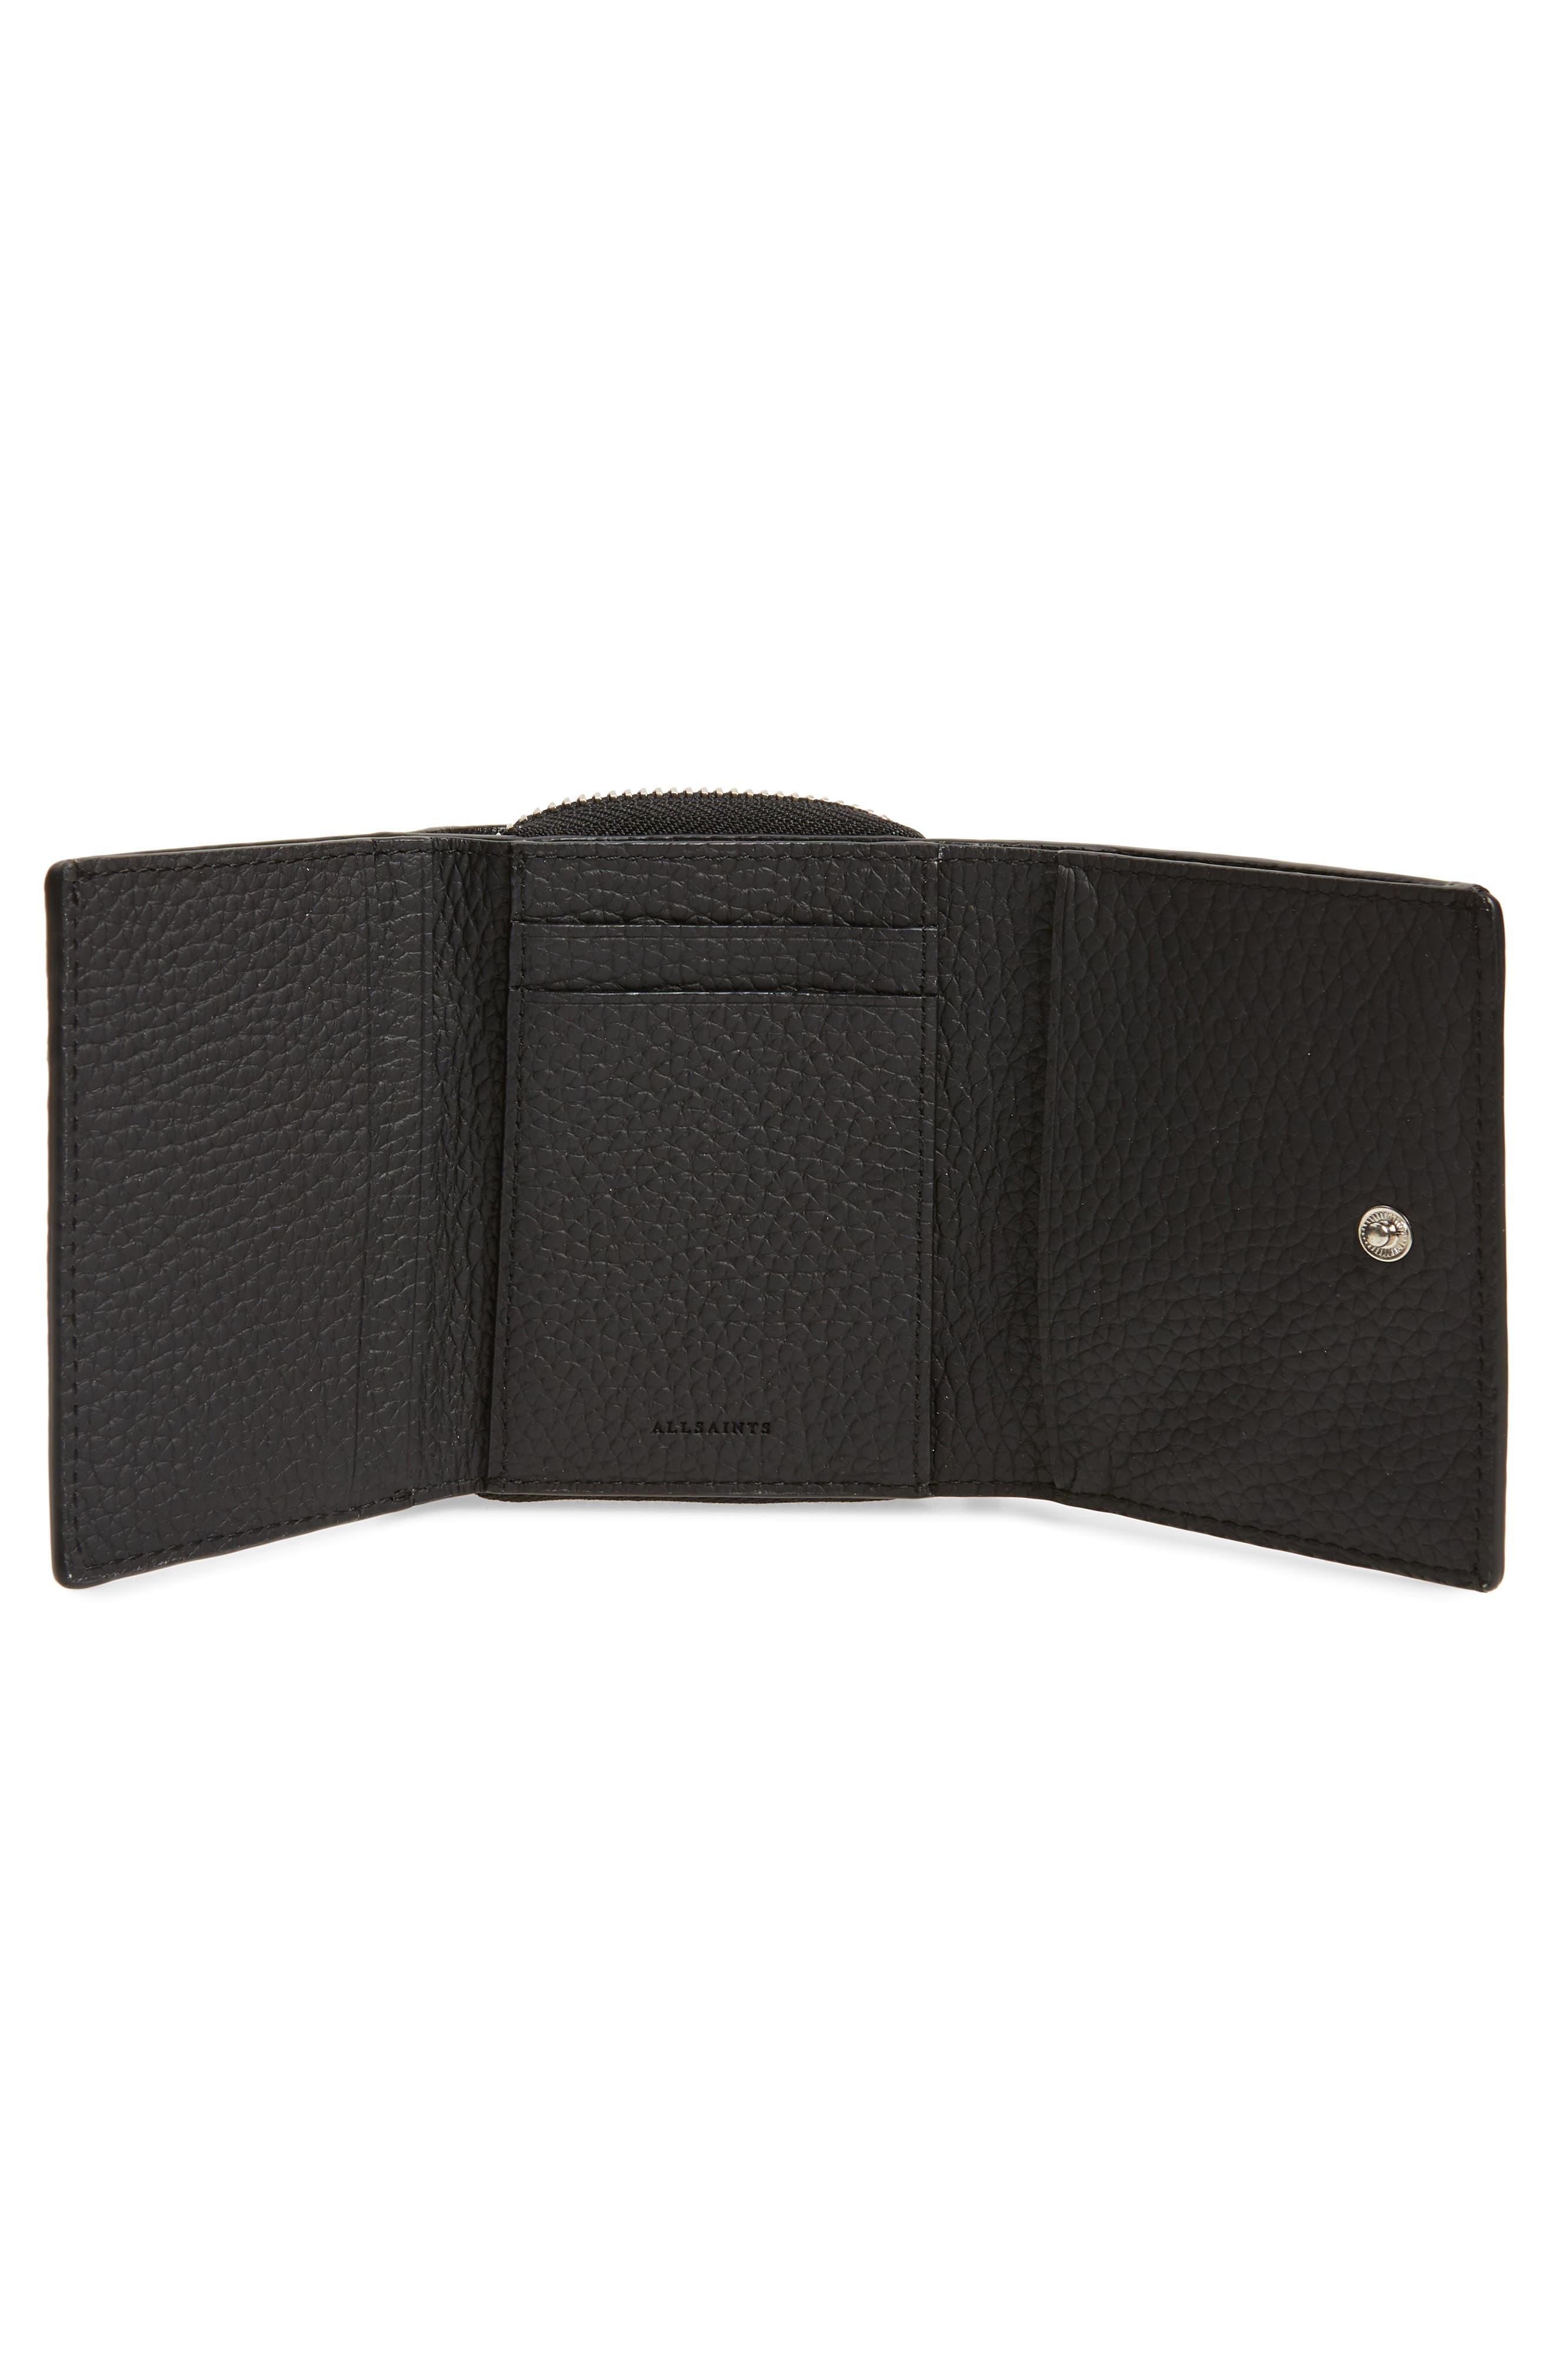 ALLSAINTS, Captain Leather Trifold Wallet, Alternate thumbnail 2, color, BLACK